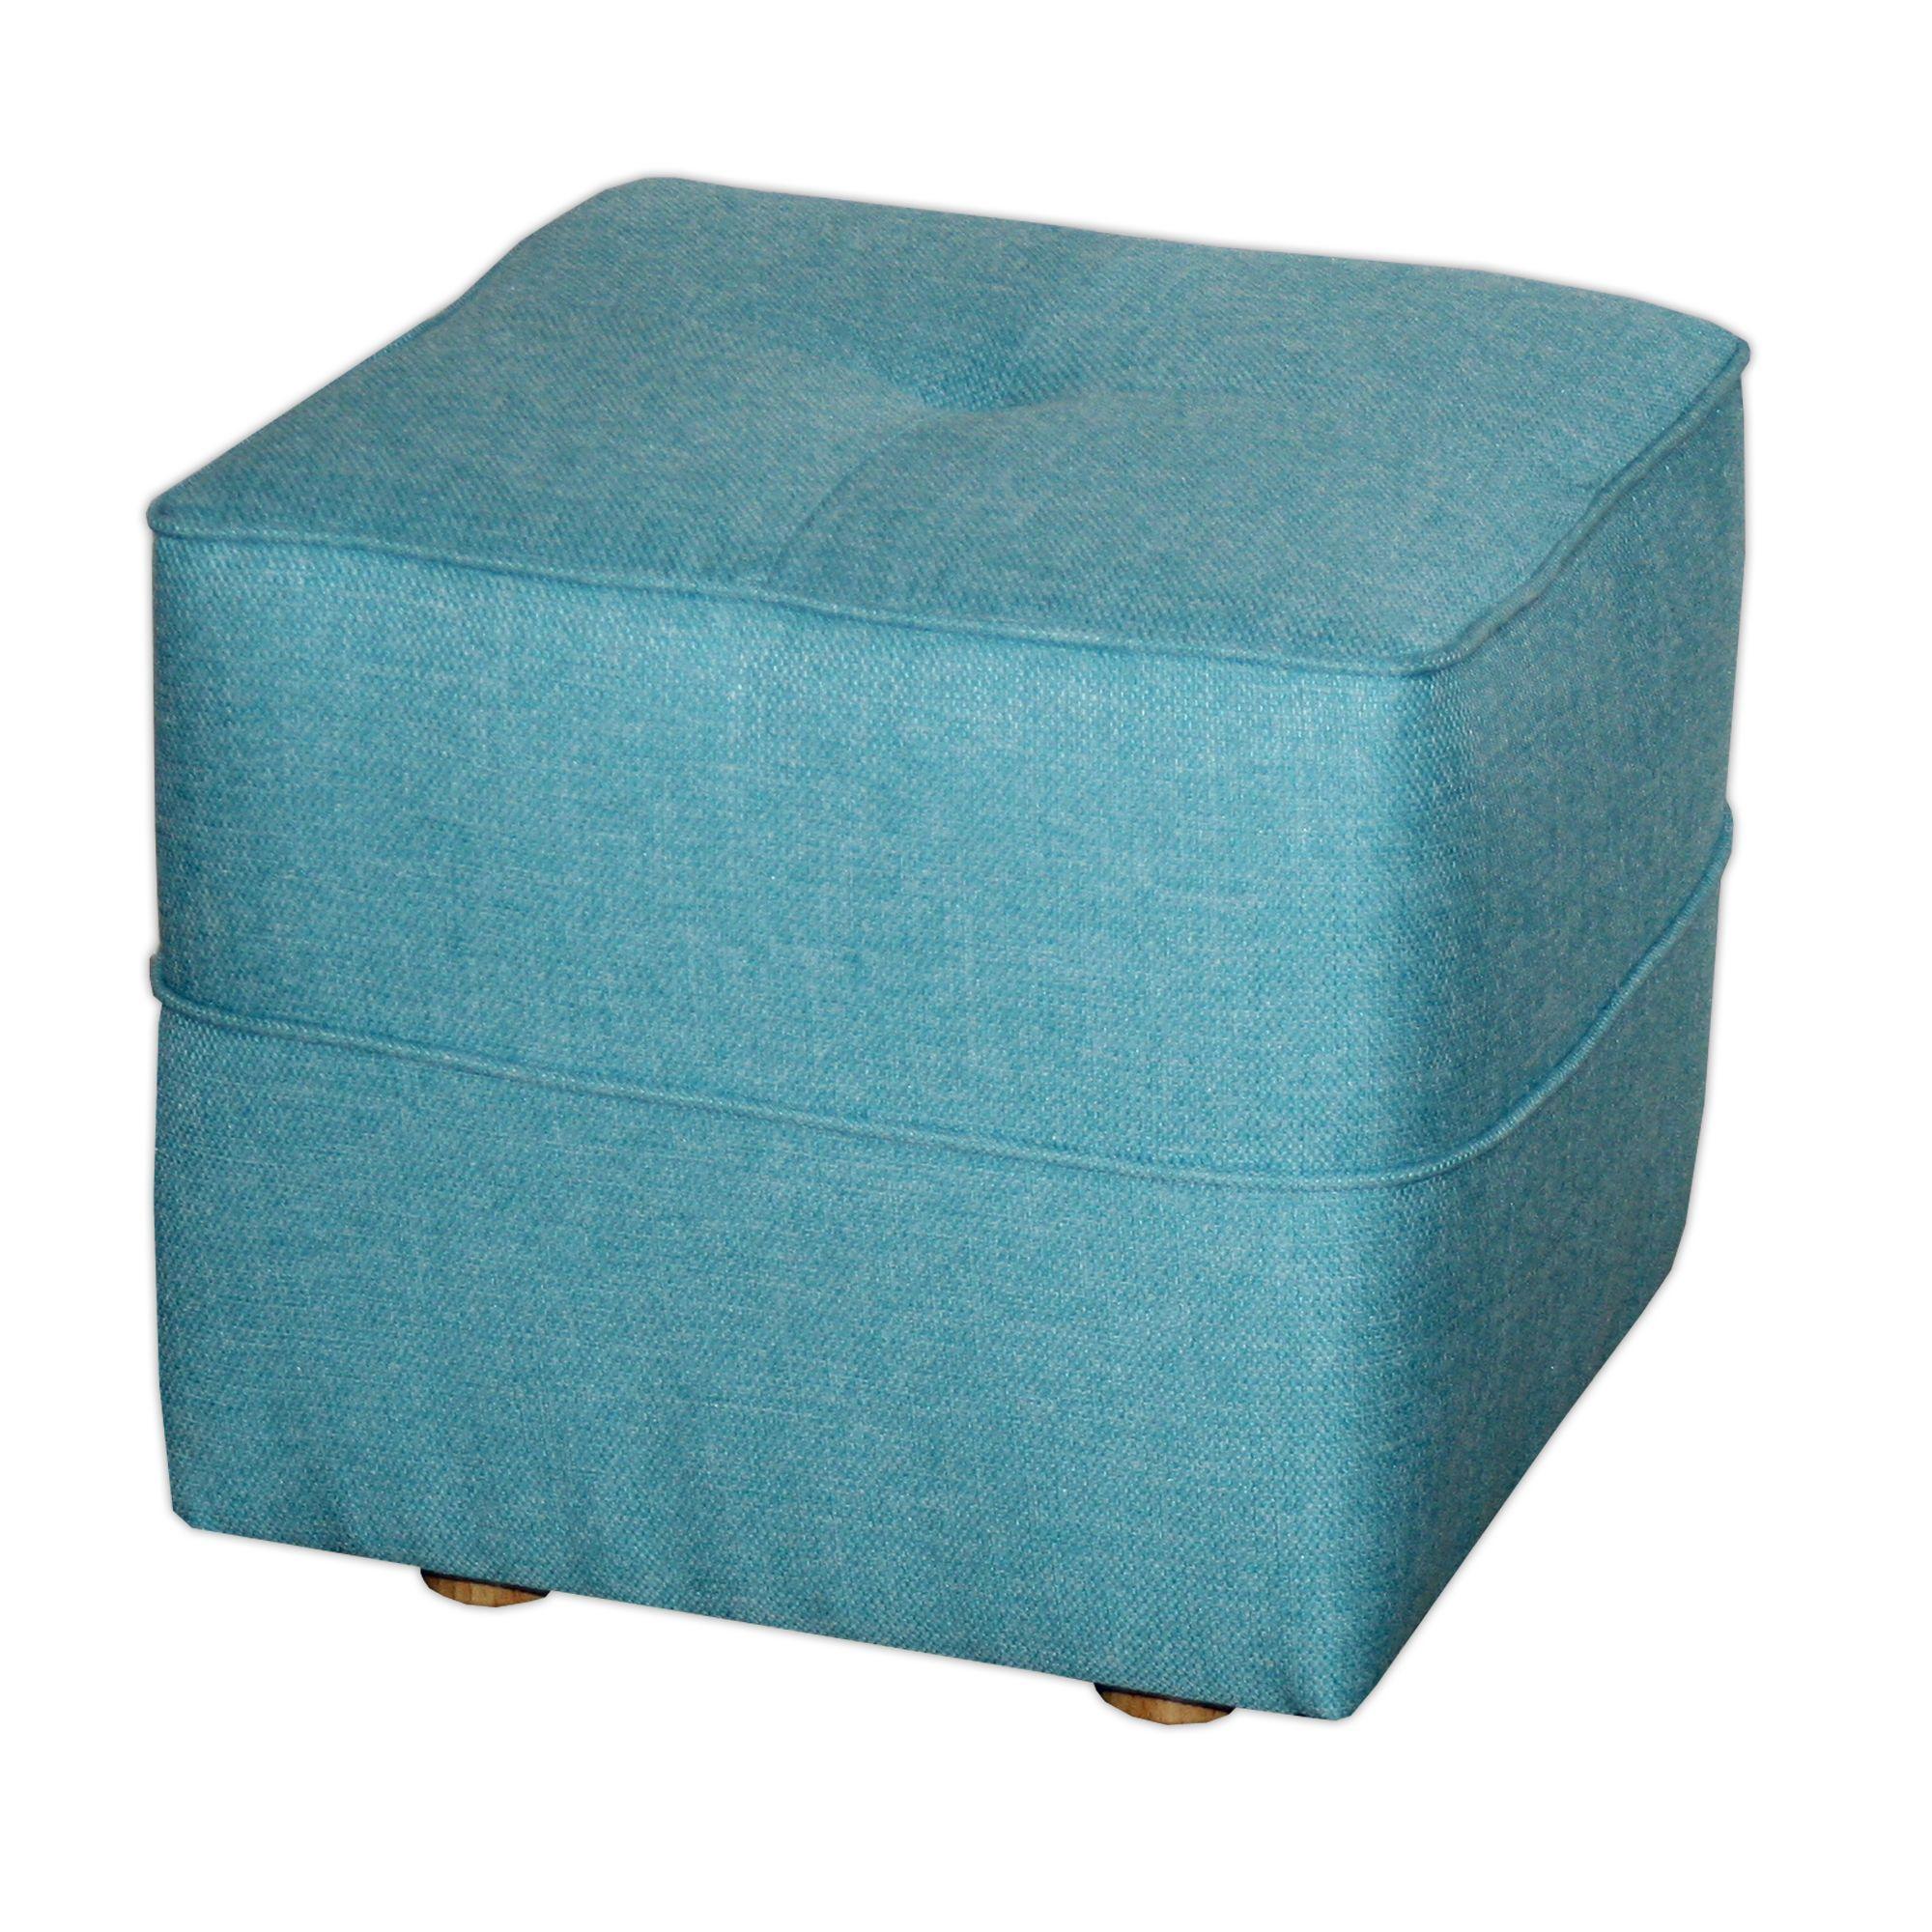 pouf poire fly poubelle de cuisine manuelle plastique l with pouf poire fly emejing pouf. Black Bedroom Furniture Sets. Home Design Ideas